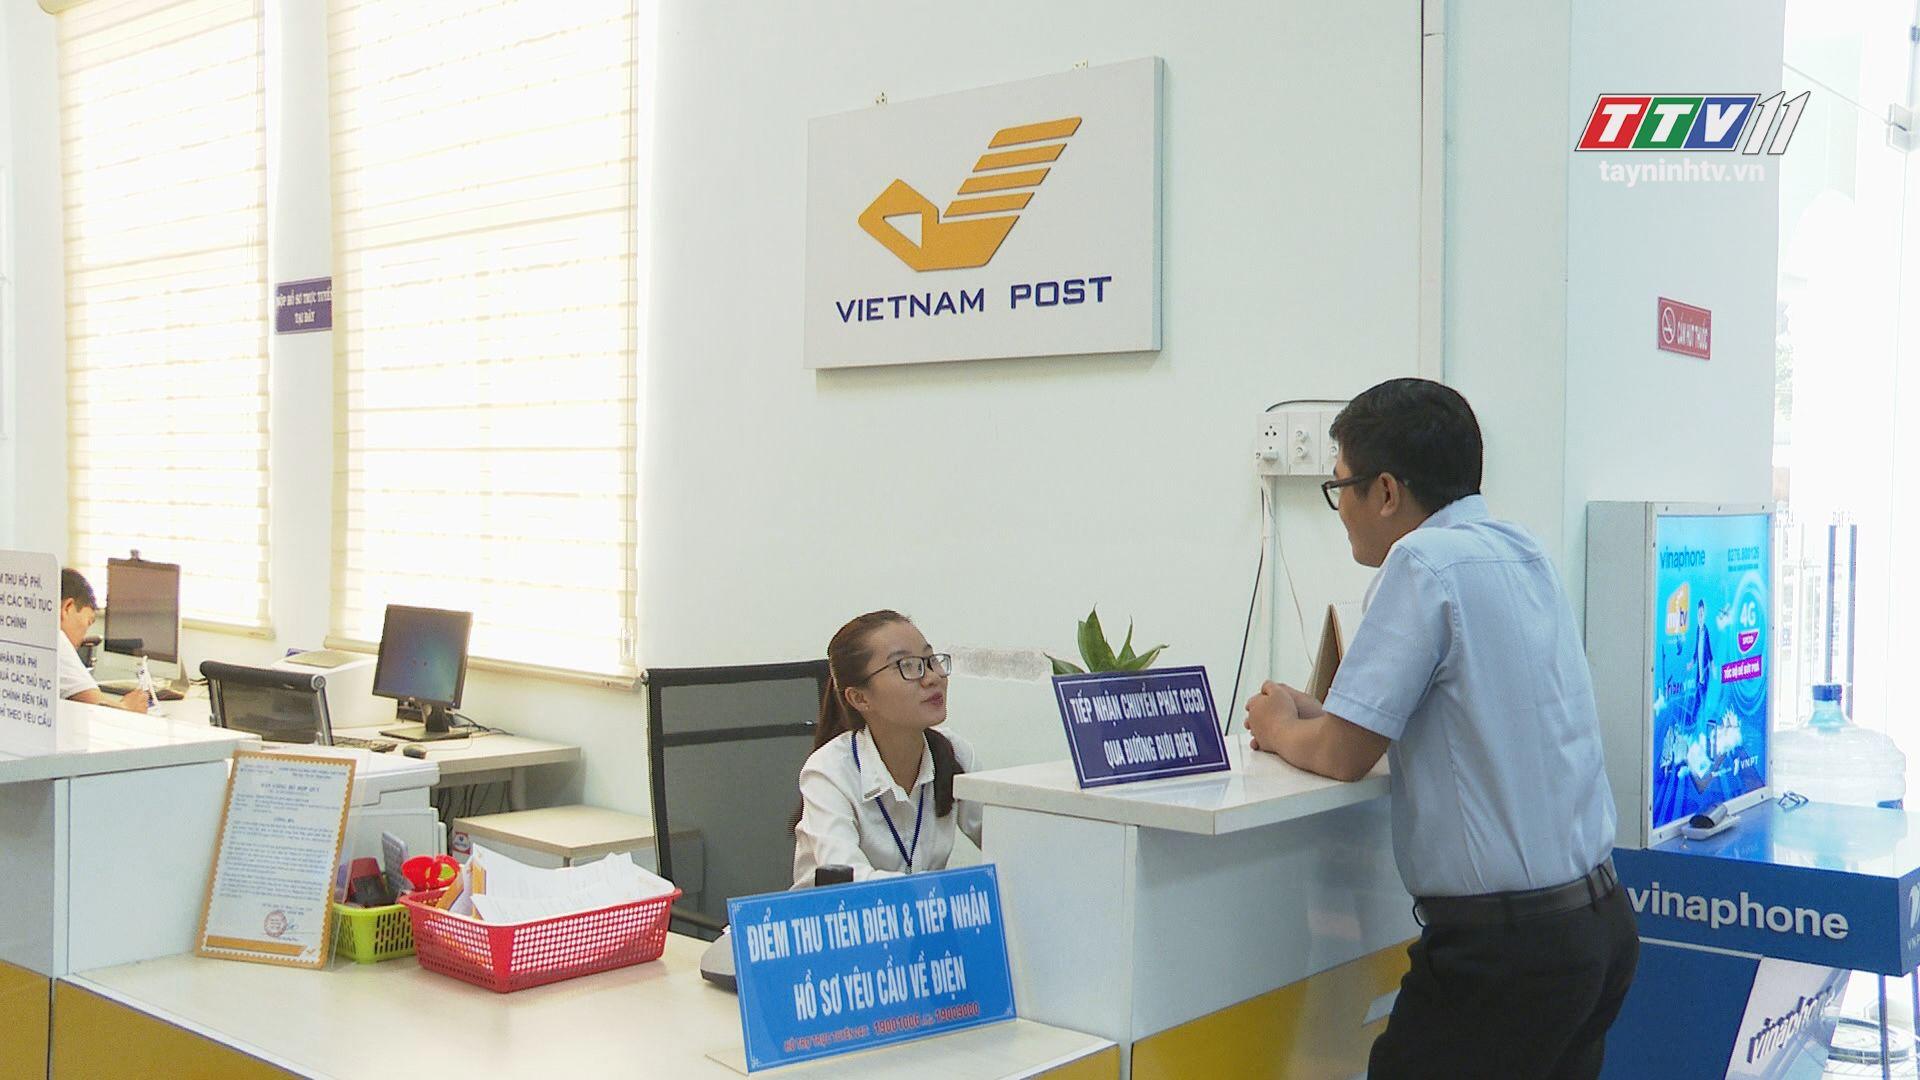 Hiệu quả của trung tâm hanh chính công tỉnh Tây Ninh | IT Today | Tây Ninh TV